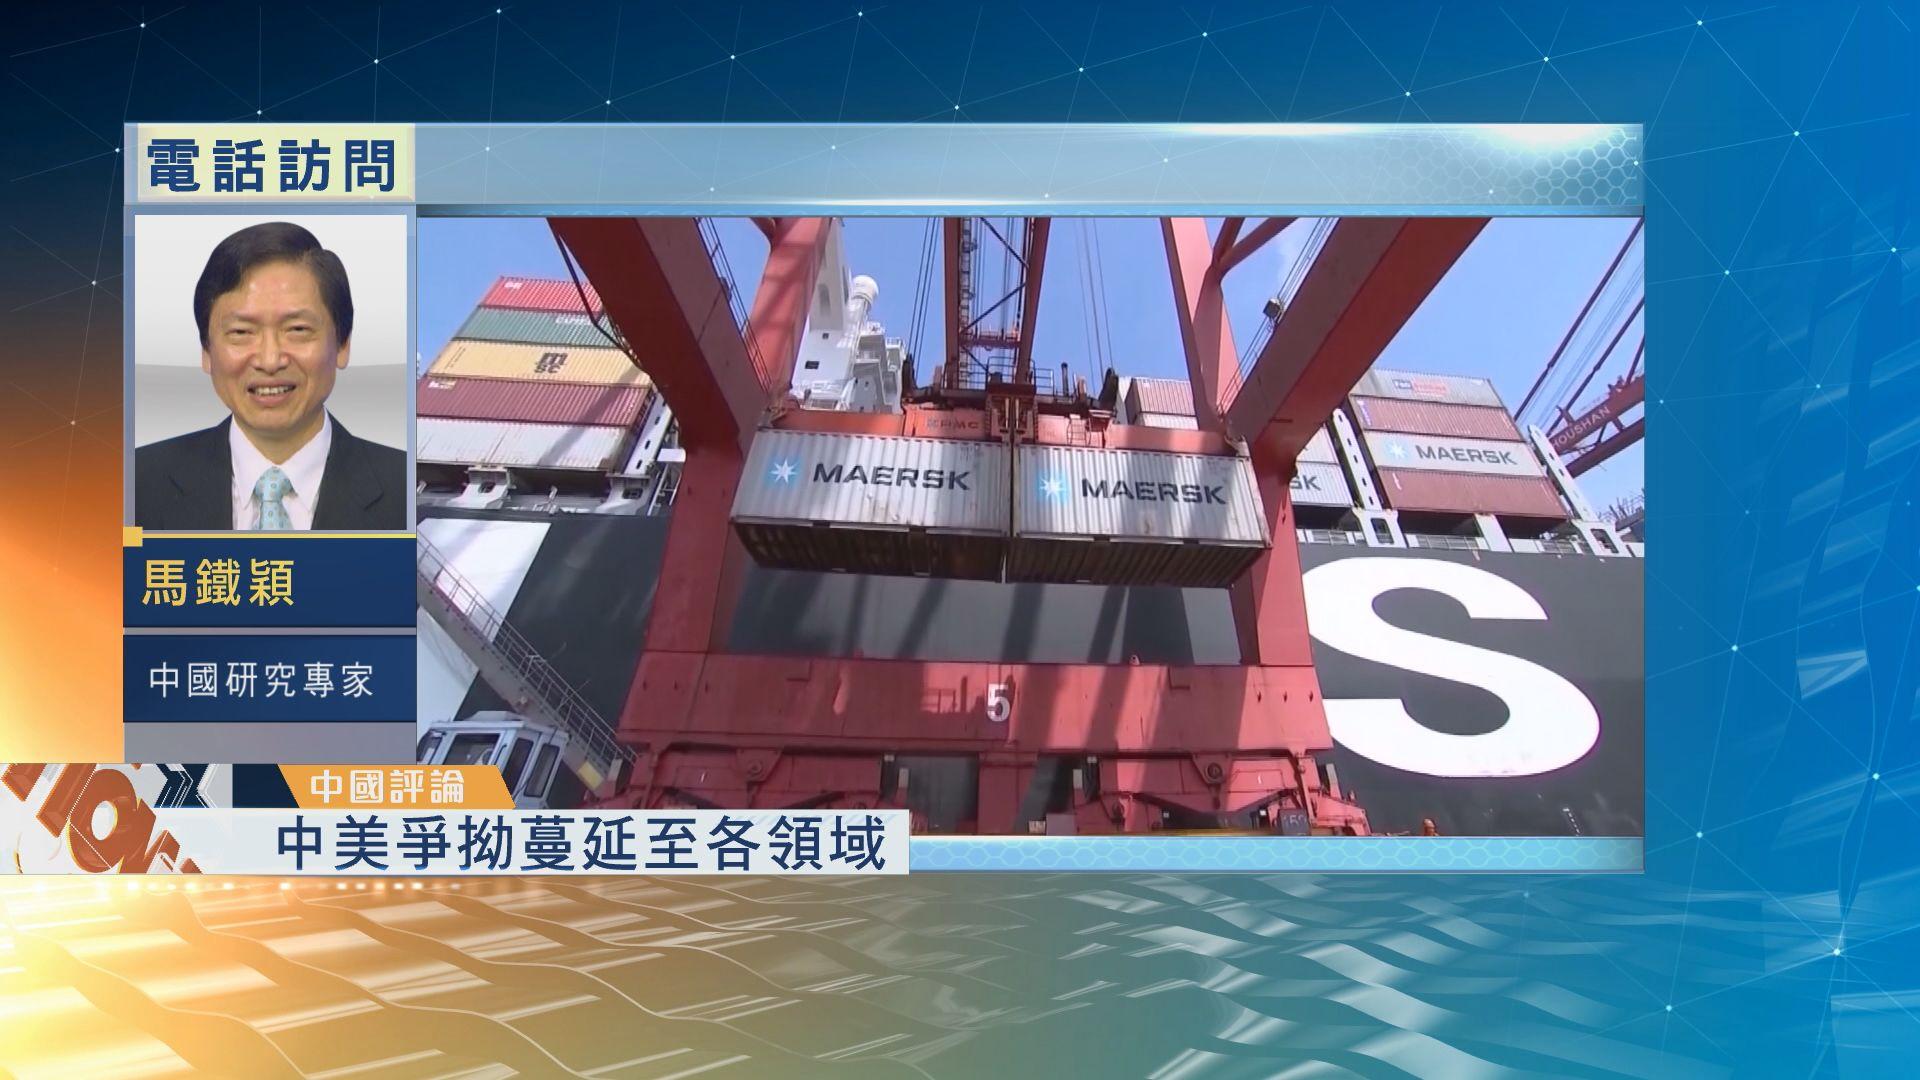 【中國評論】中國應達致「國民共進」